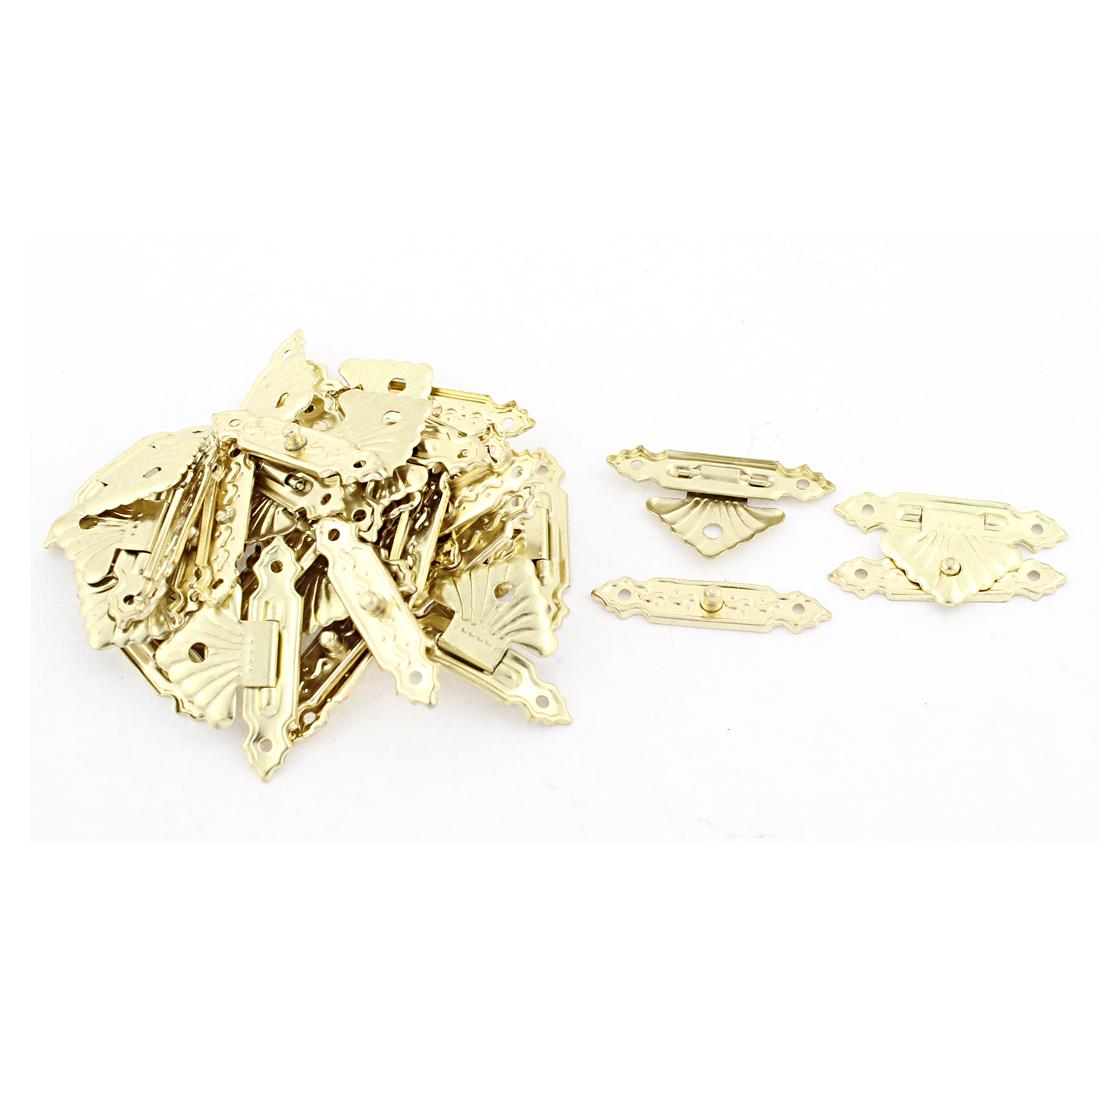 Jewelry Case Gold Tone Metal Decorative Box Latch Catch 20 Pcs